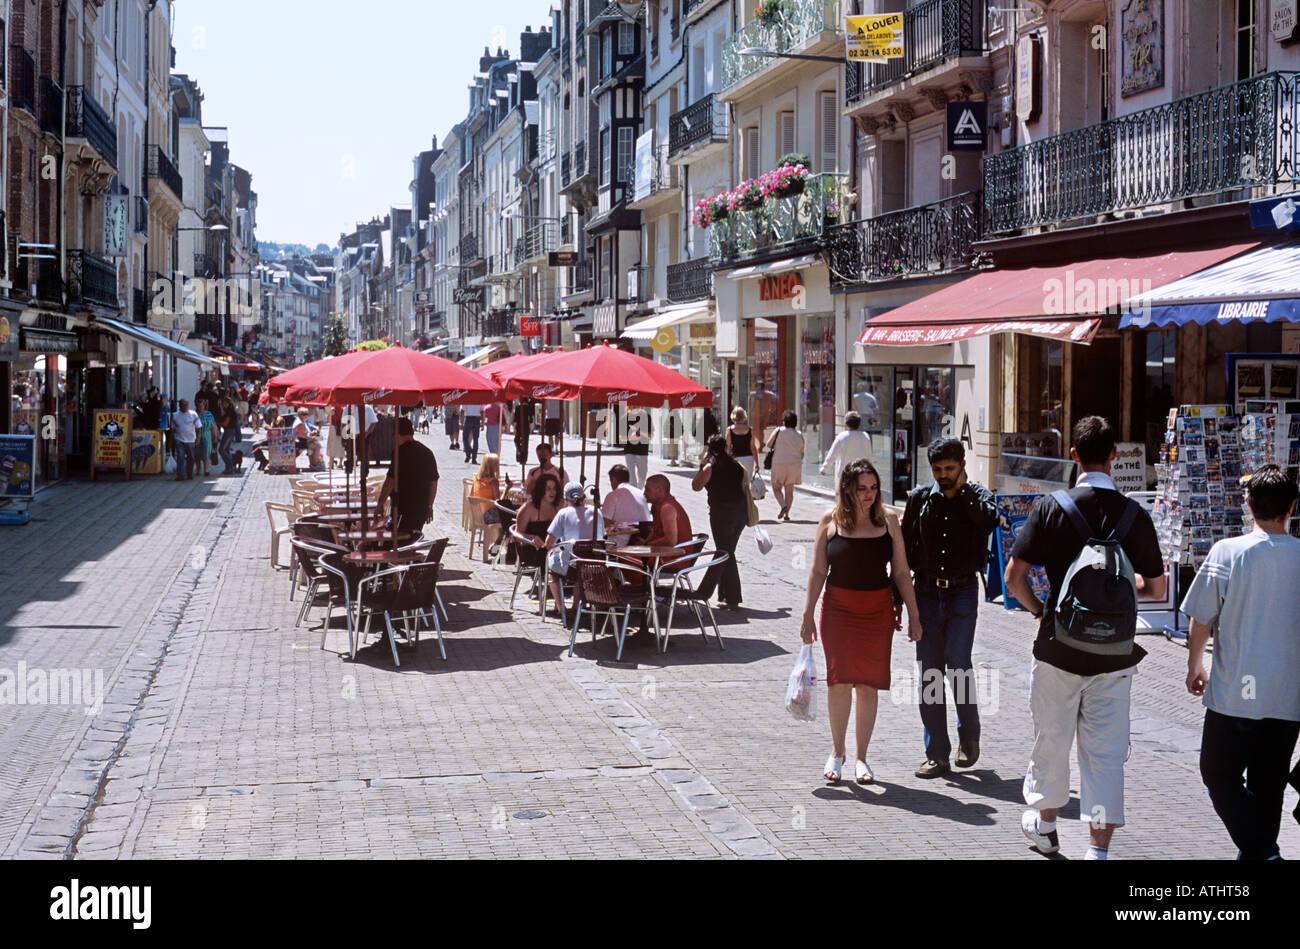 La terrasse d'un café sur la Grande Rue dans le centre de Dieppe Photo Stock - Alamy